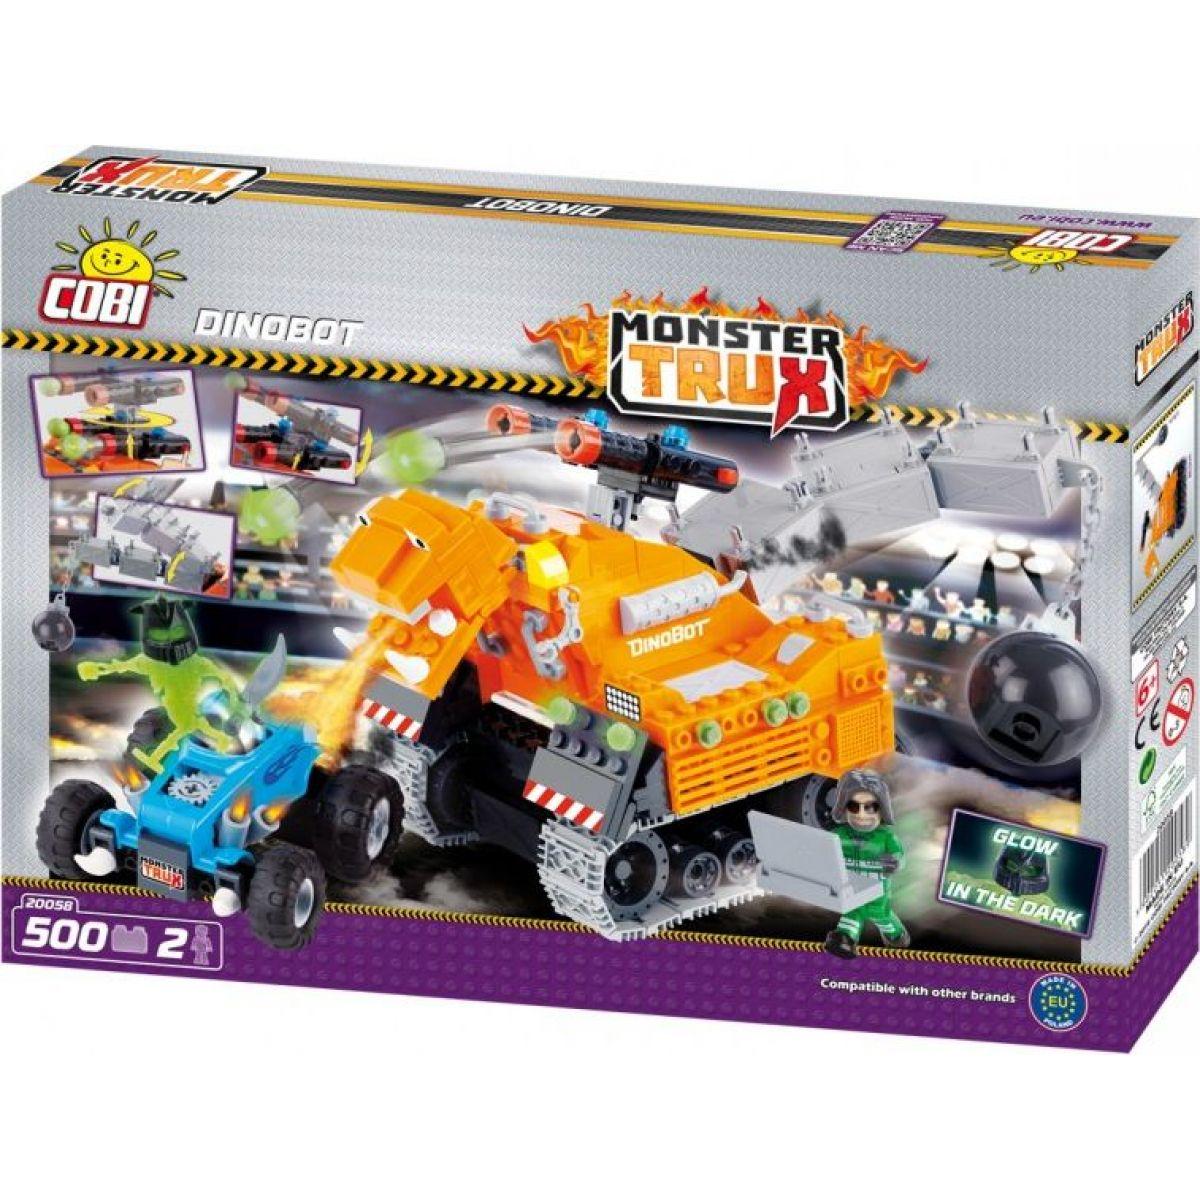 COBI 20058 Monster Trux Dinobot